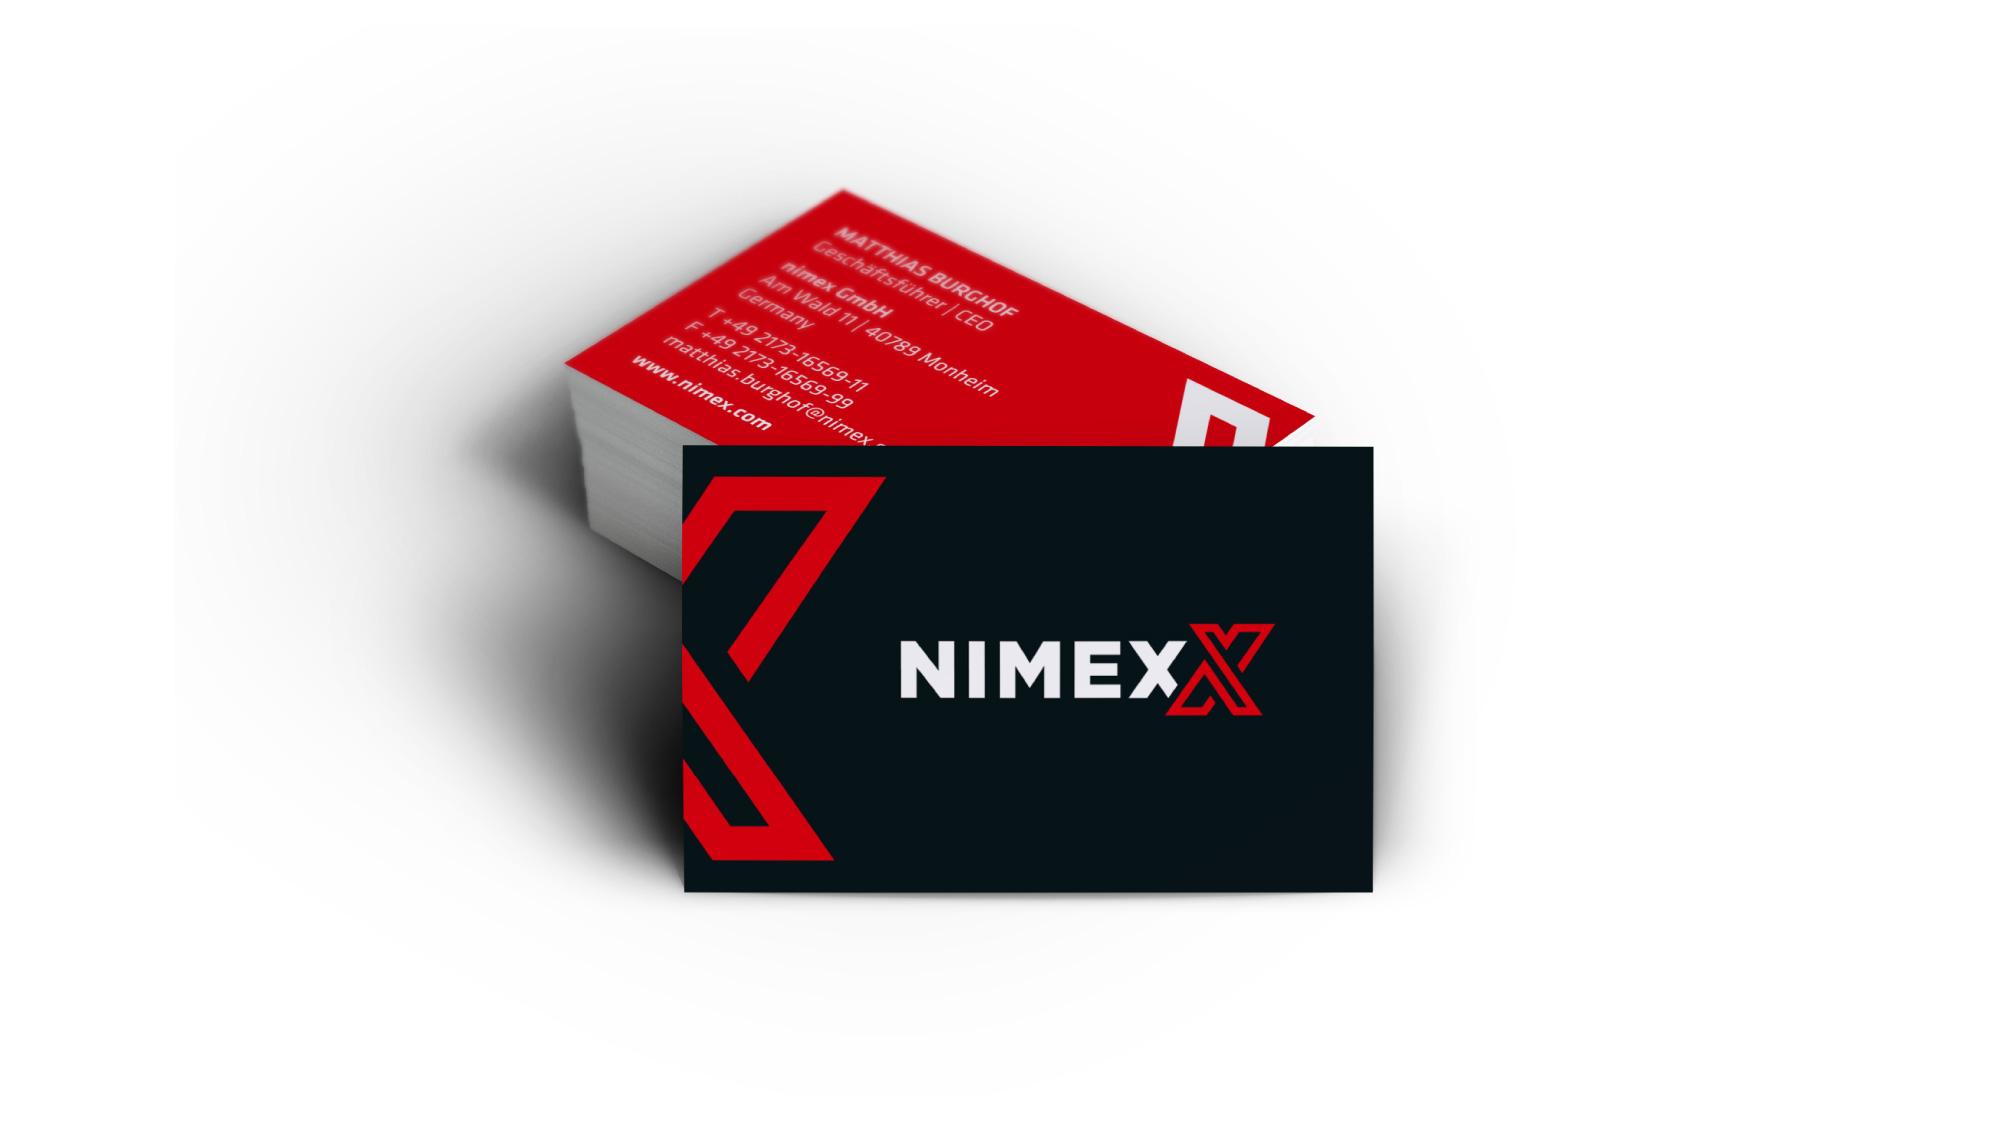 CD_NIMEX_Visitenkarten.jpg